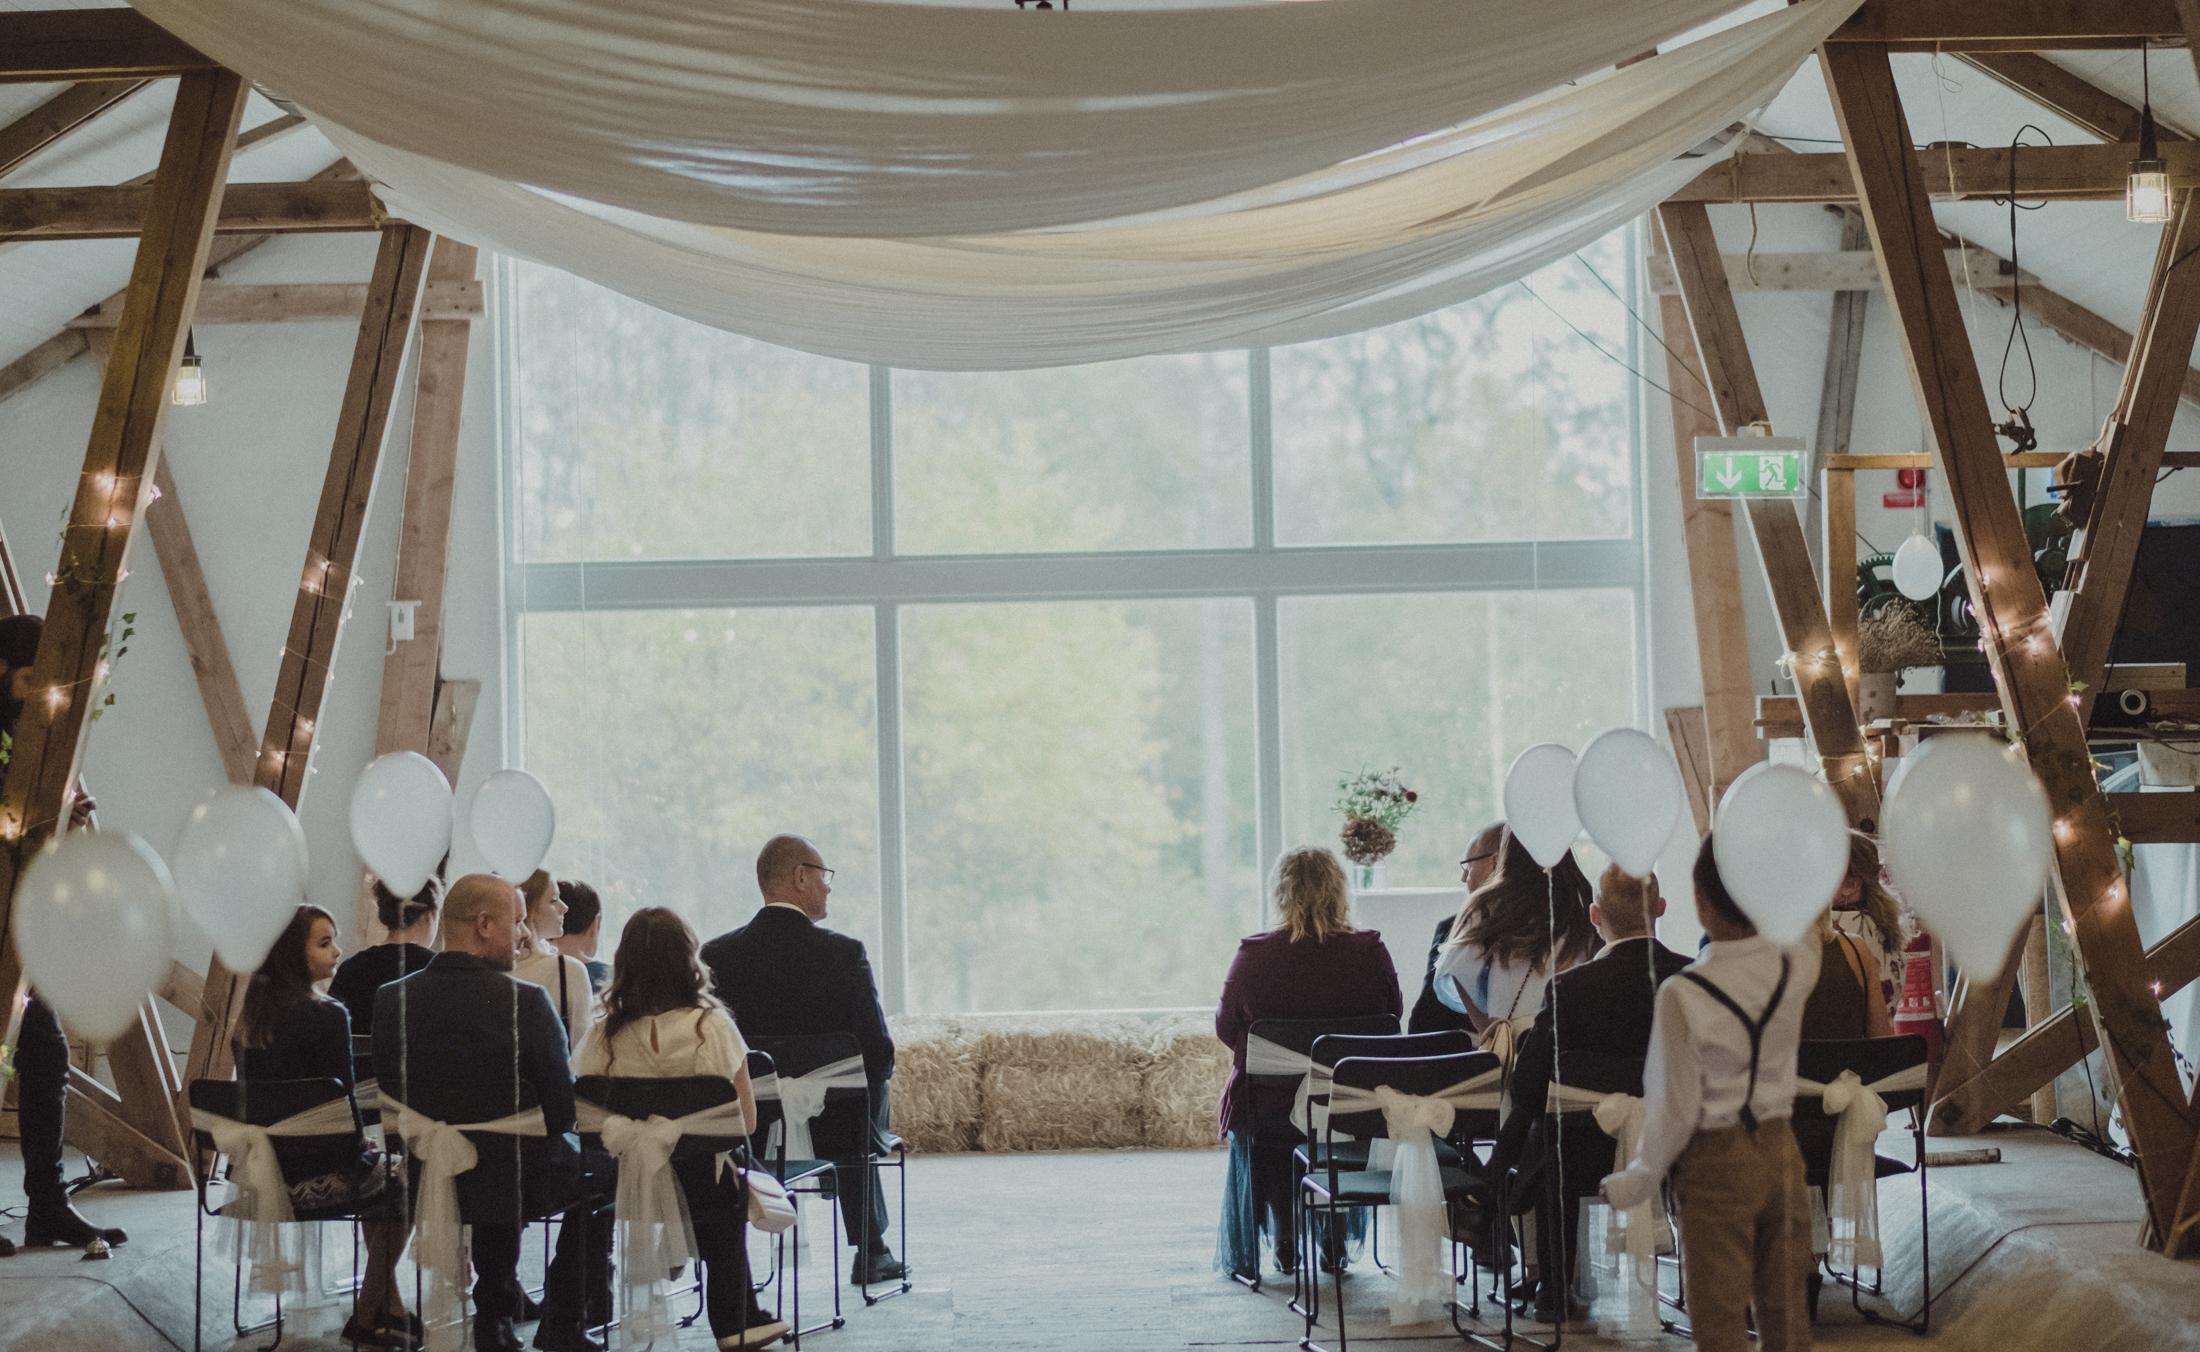 bröllopsfoto-fotograf-max-norin-105.jpg